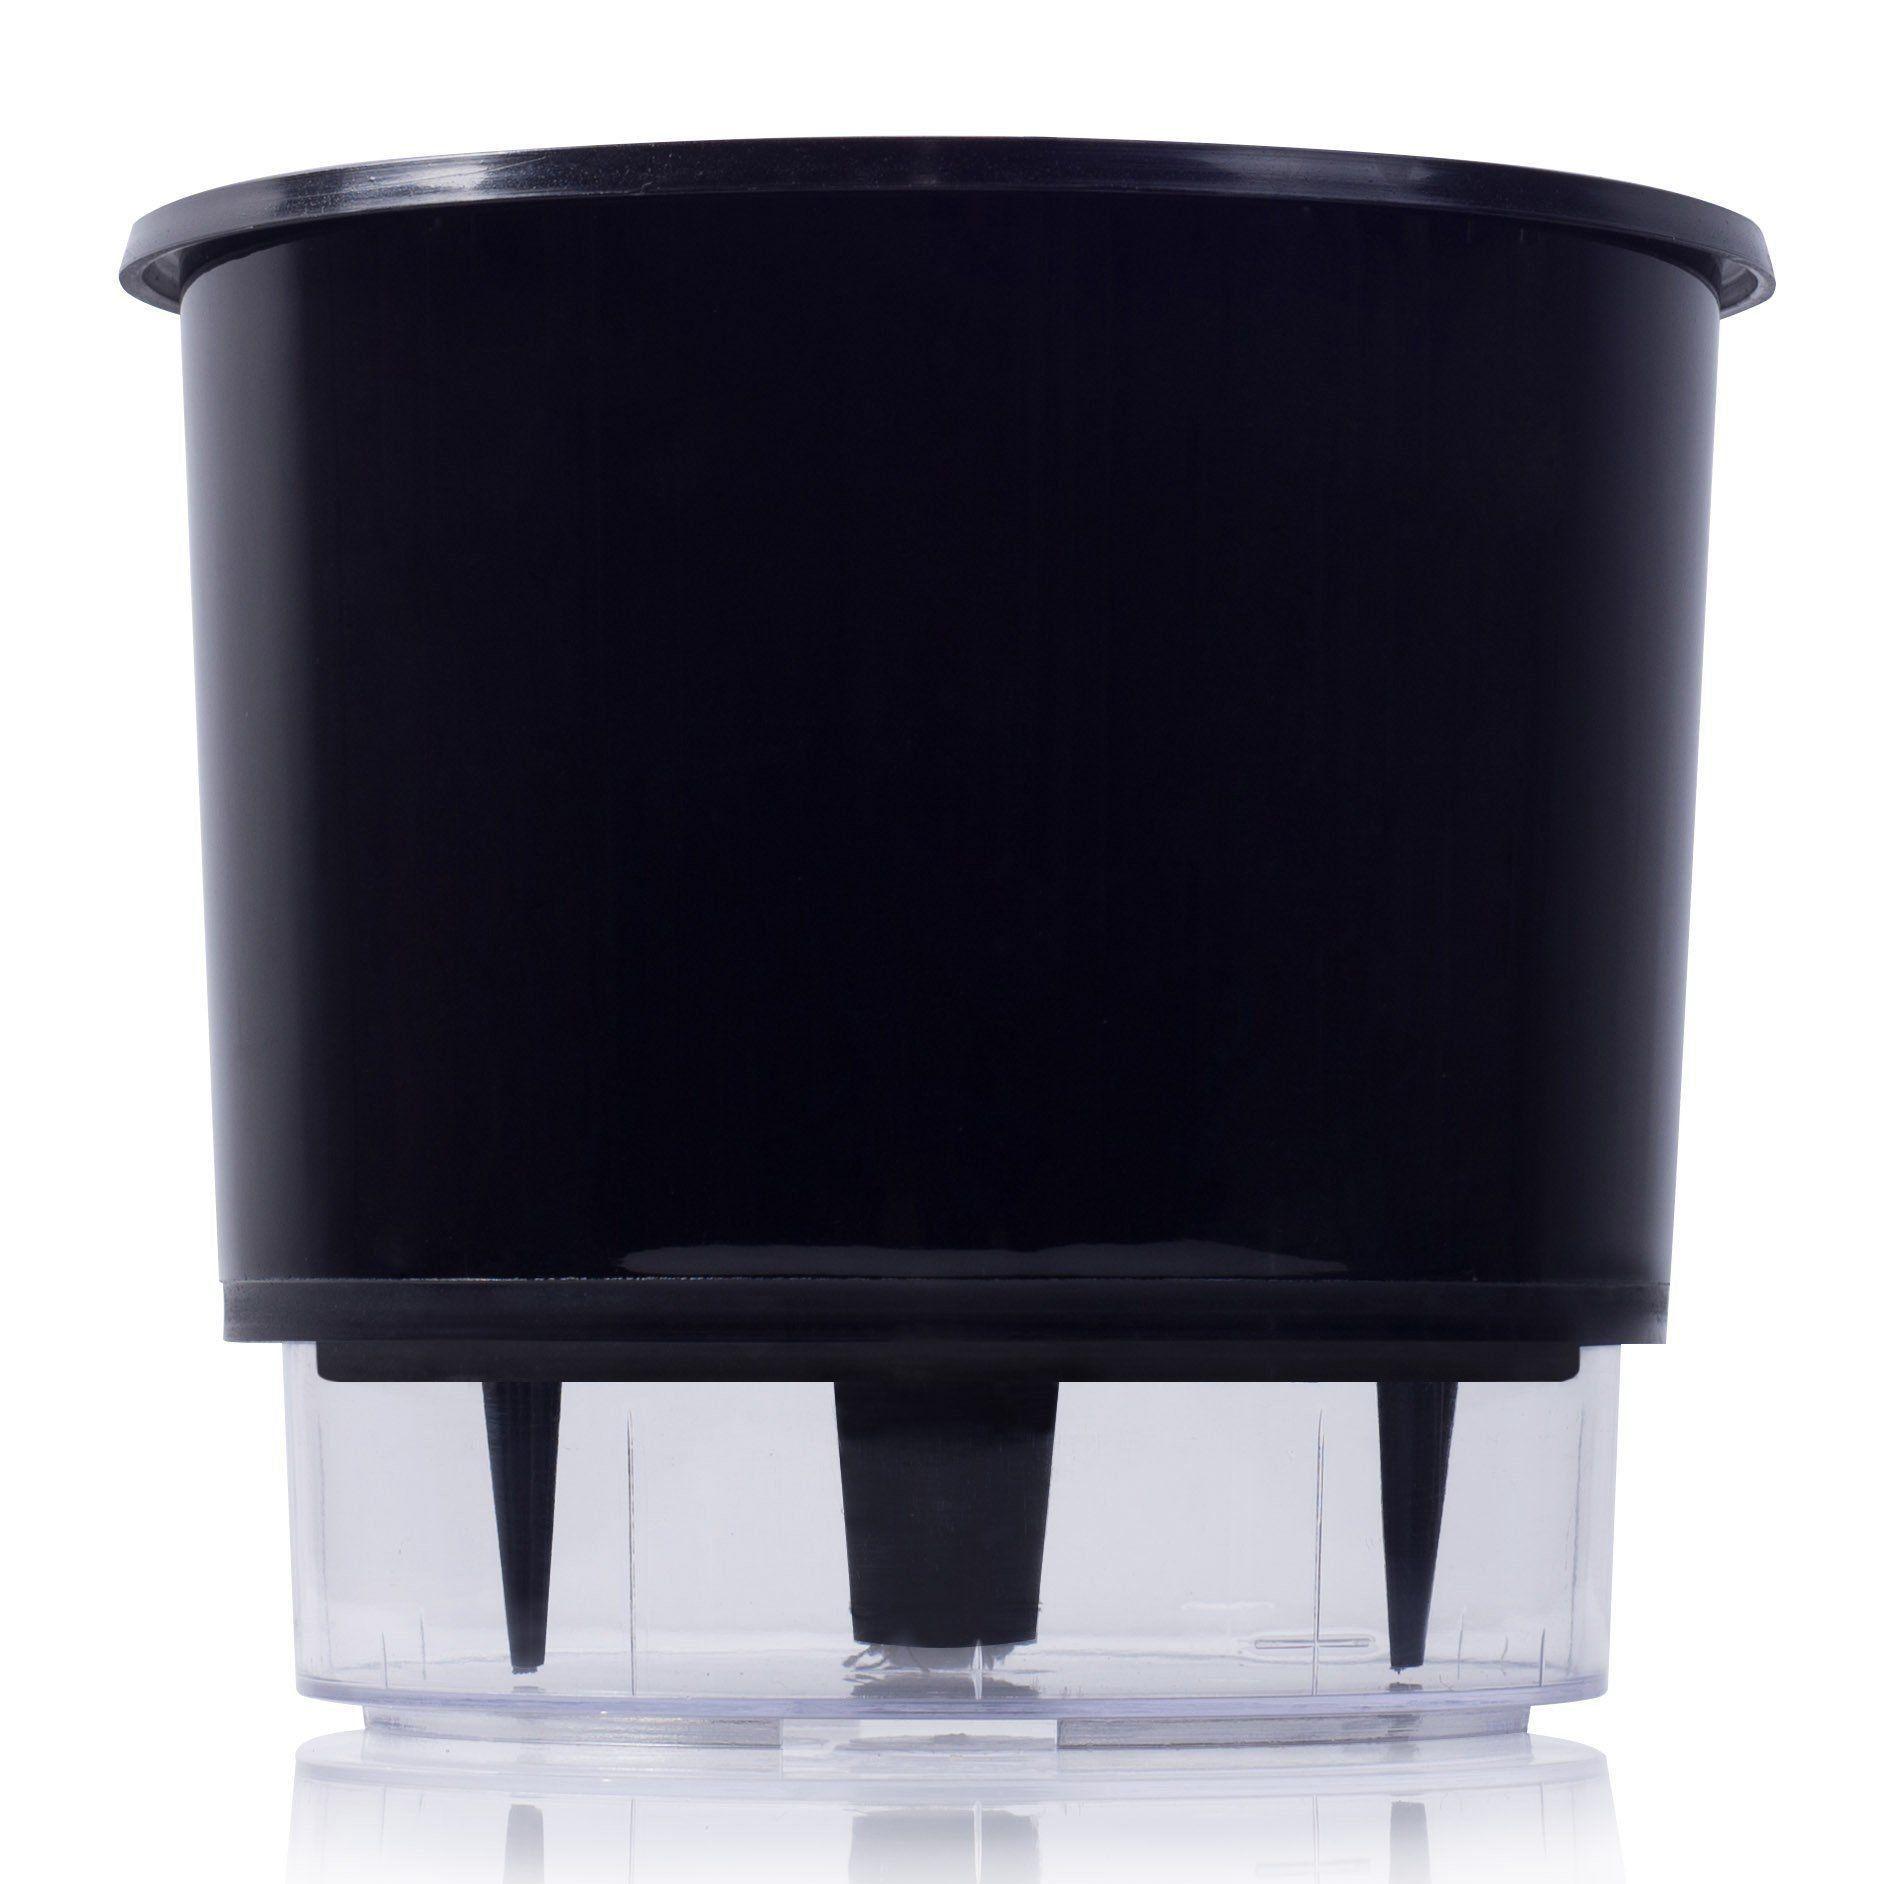 Kit Completo para plantio de Maranta Pavão ou Calathea Makoyana com vaso autoirrigável Médio Preto